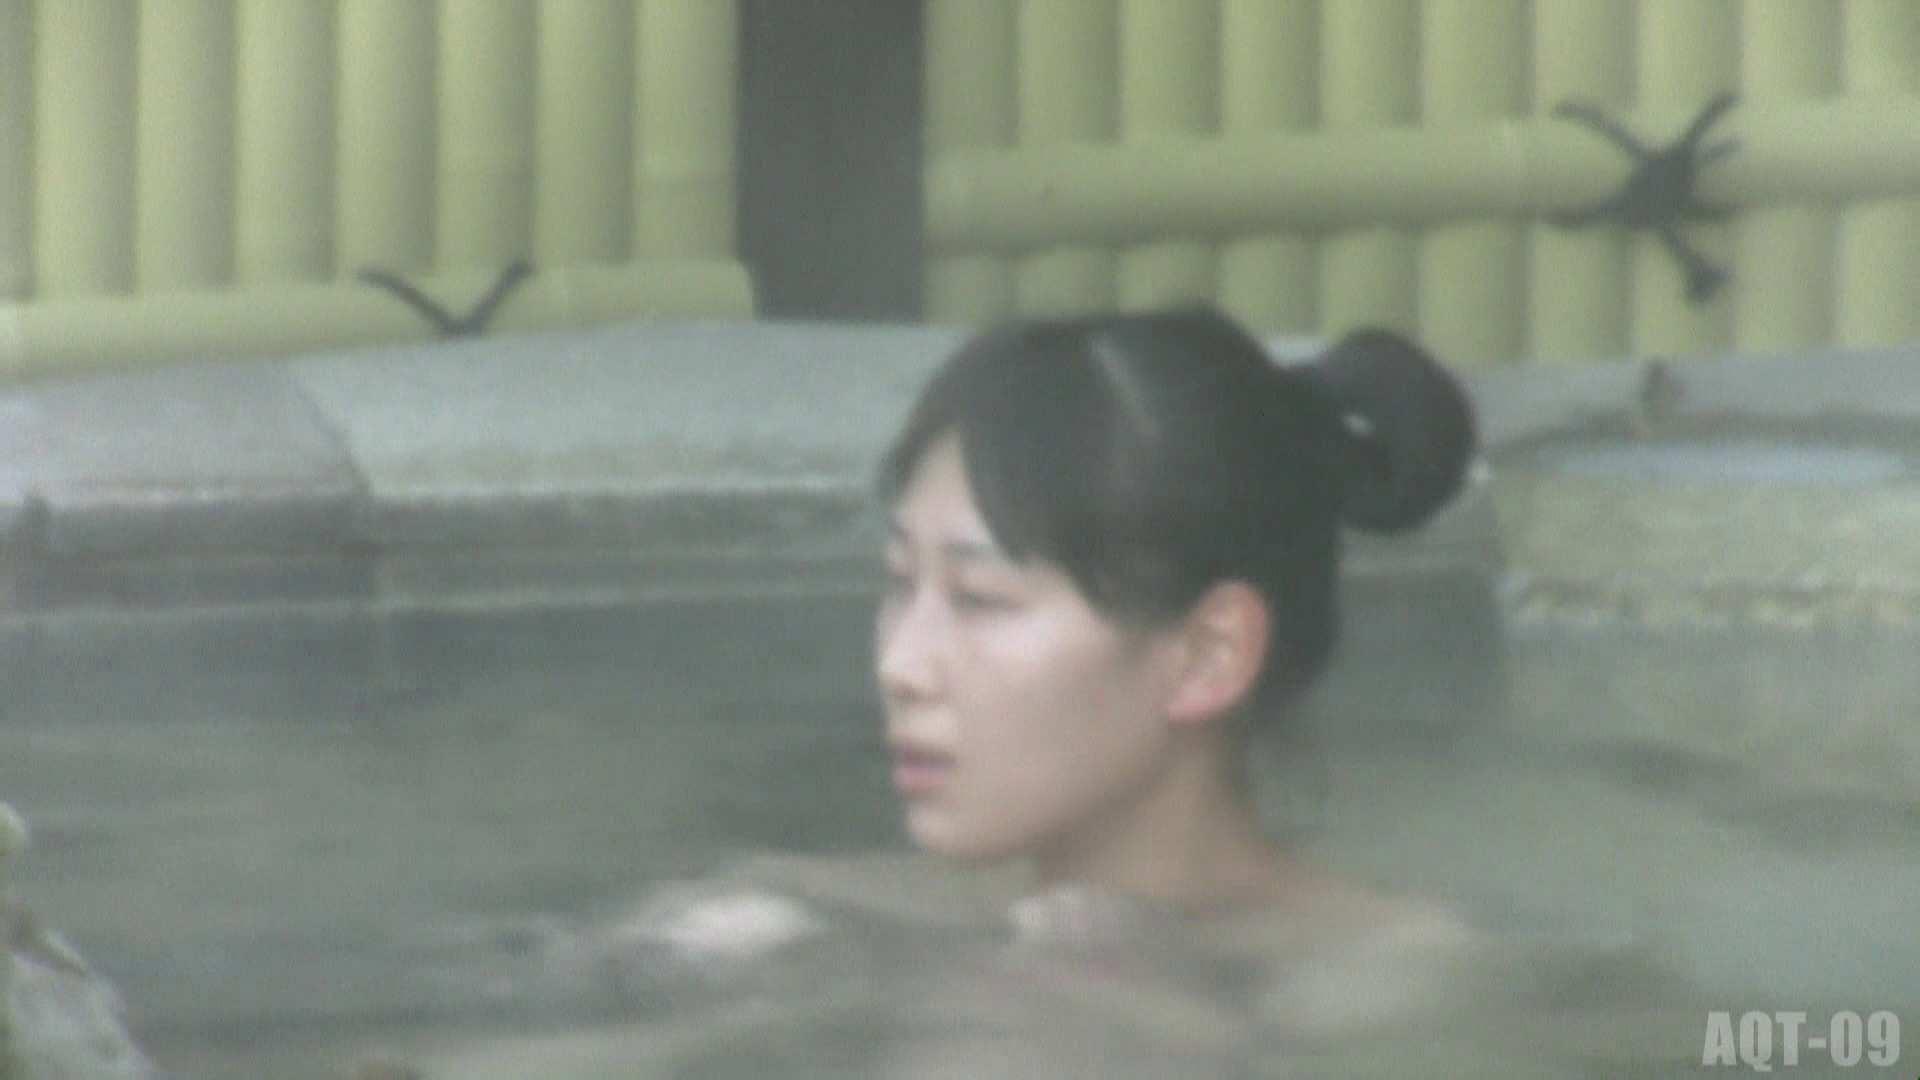 Aquaな露天風呂Vol.785 盗撮 | 露天  71pic 32